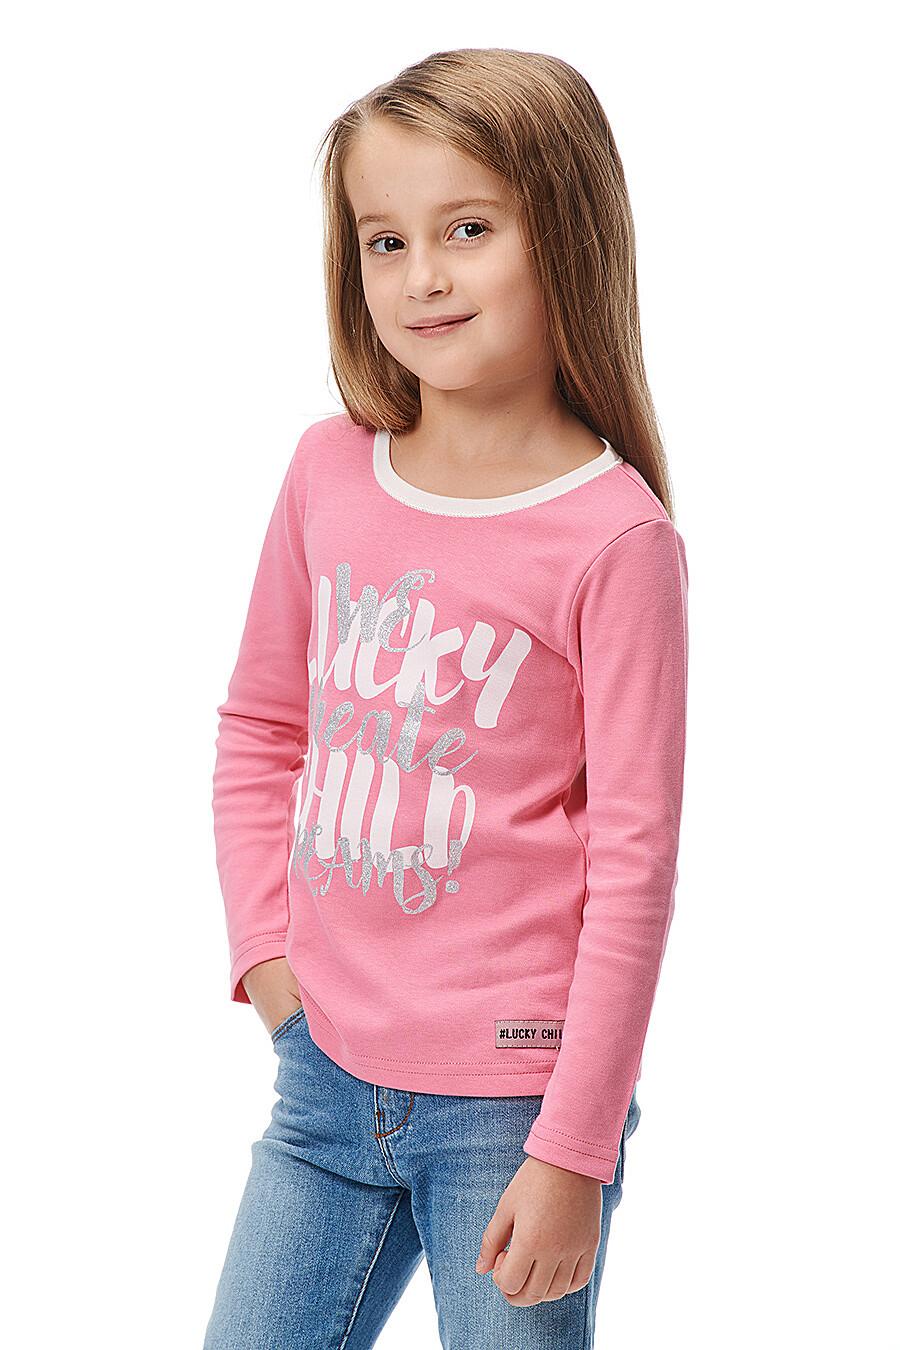 Джемпер для девочек LUCKY CHILD 184687 купить оптом от производителя. Совместная покупка детской одежды в OptMoyo